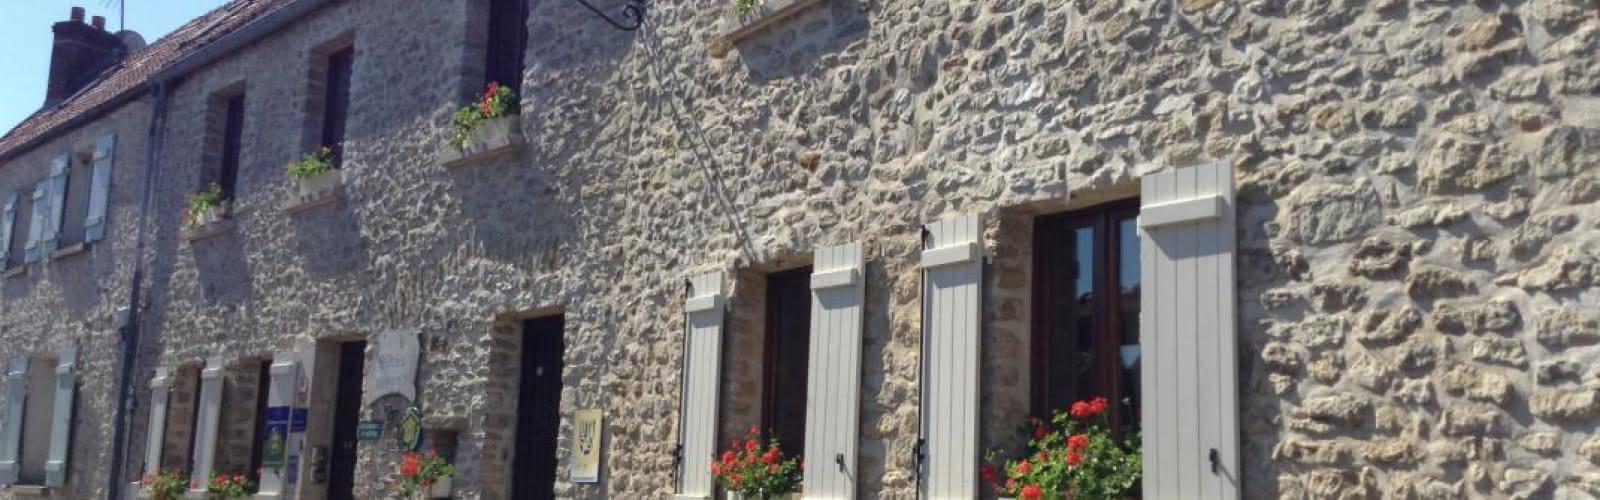 Chambre d'hôtes Le Saint Denis